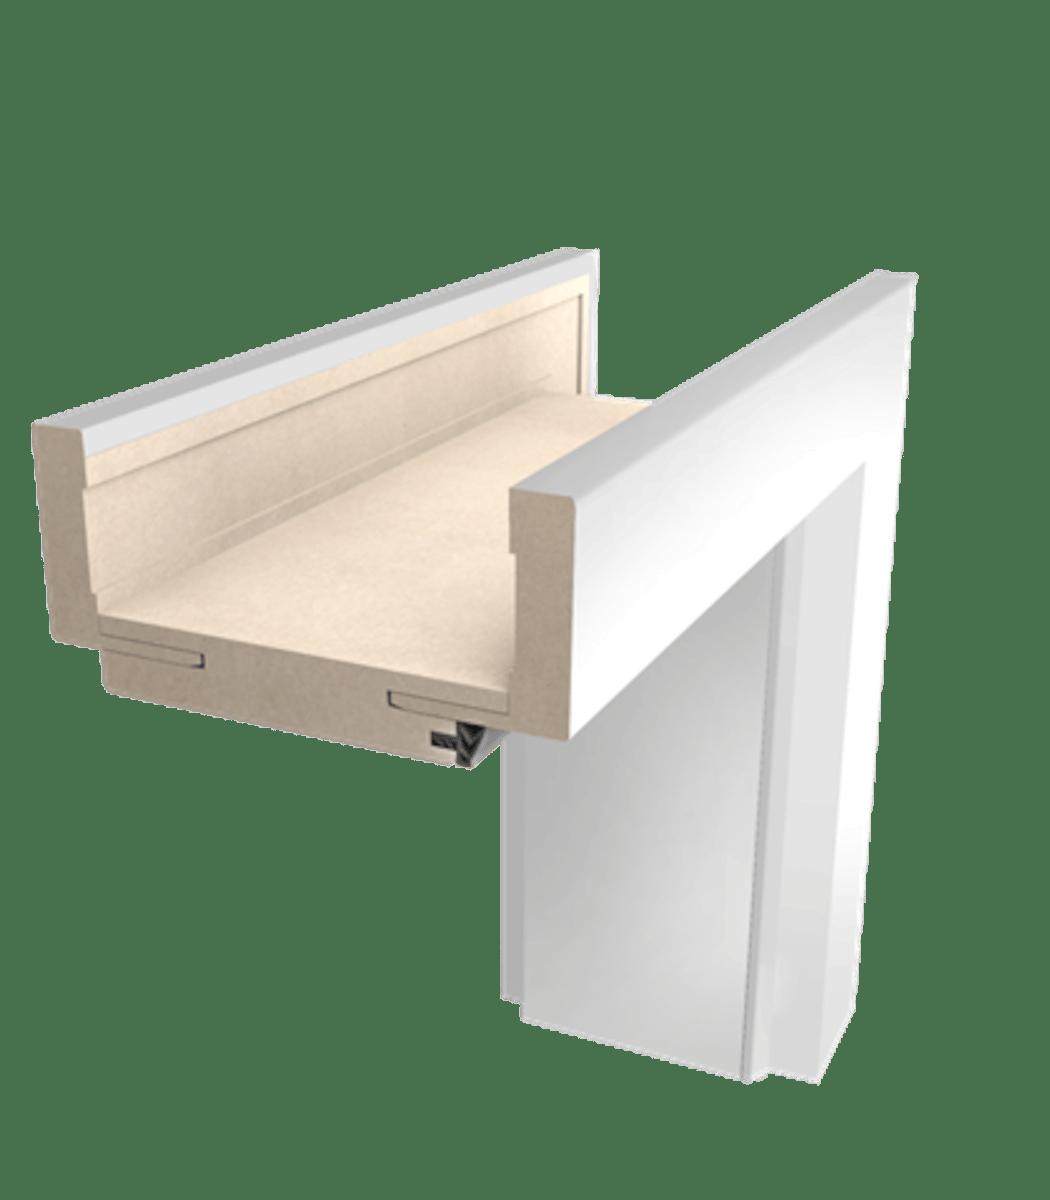 Obložková zárubňa Naturel 60 cm pre hrúbku steny 10-14 cm biela ľavá O2BF60L